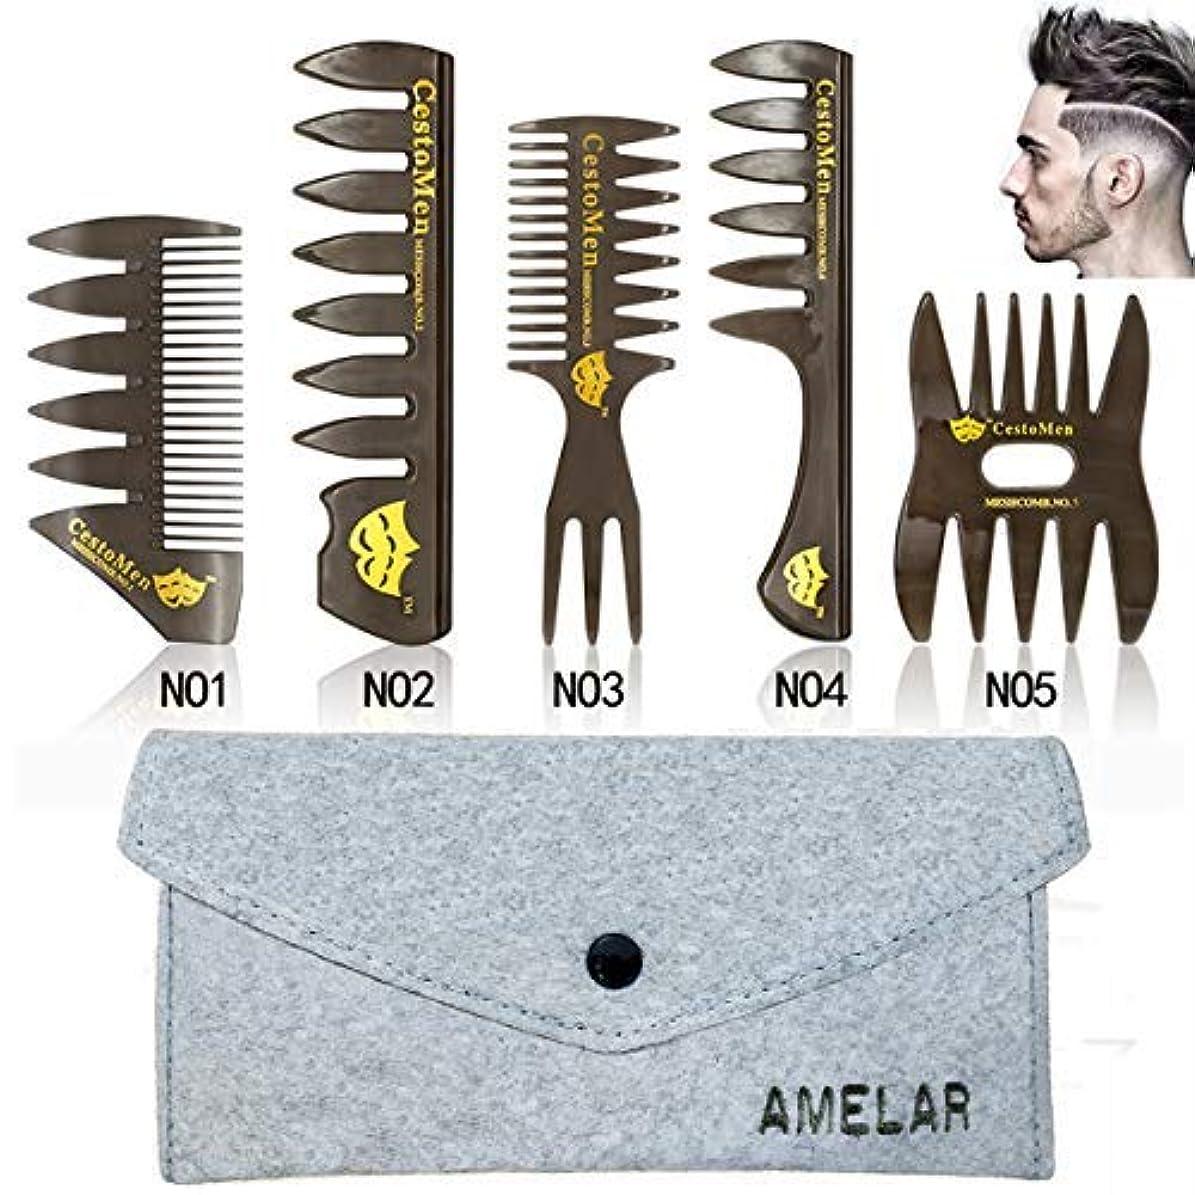 ナラーバーマラドロイト復活させる6 PCS Hair Comb Styling Set Barber Hairstylist Accessories,Professional Shaping & Wet Pick Barber Brush Tools,...